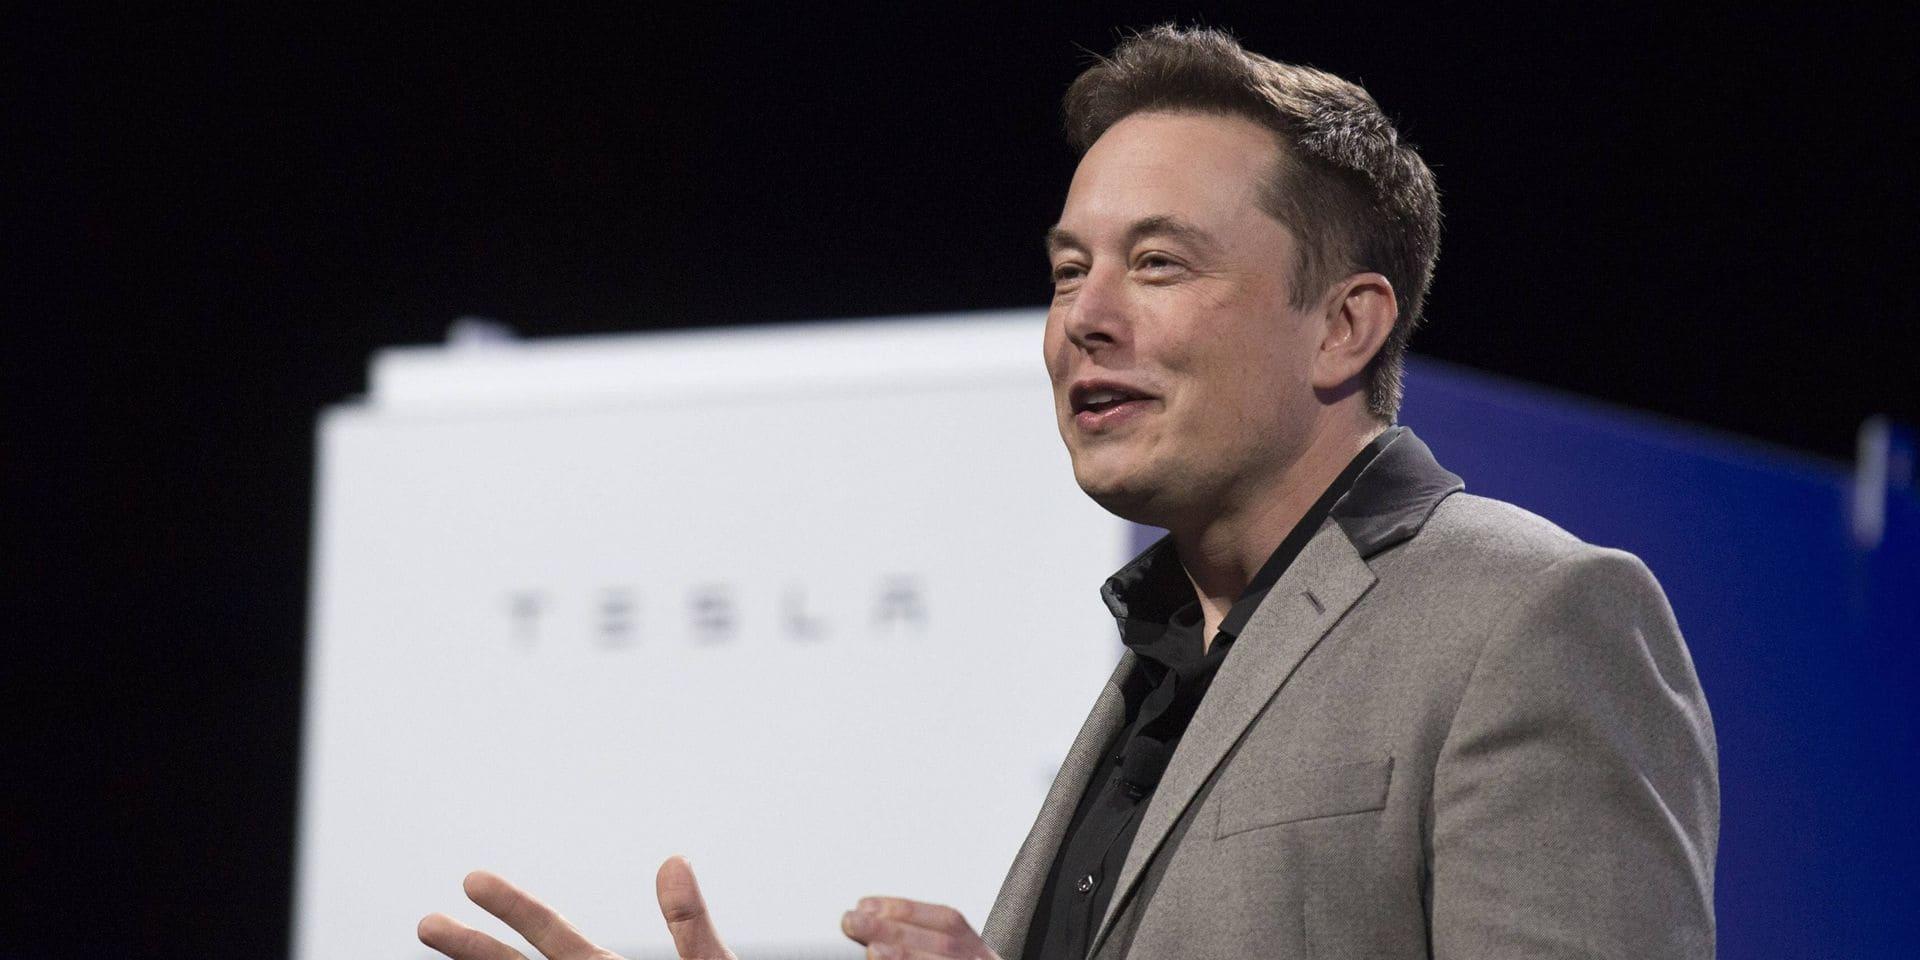 Elon Musk de retour sur Twitter après une absence de ... 3 jours